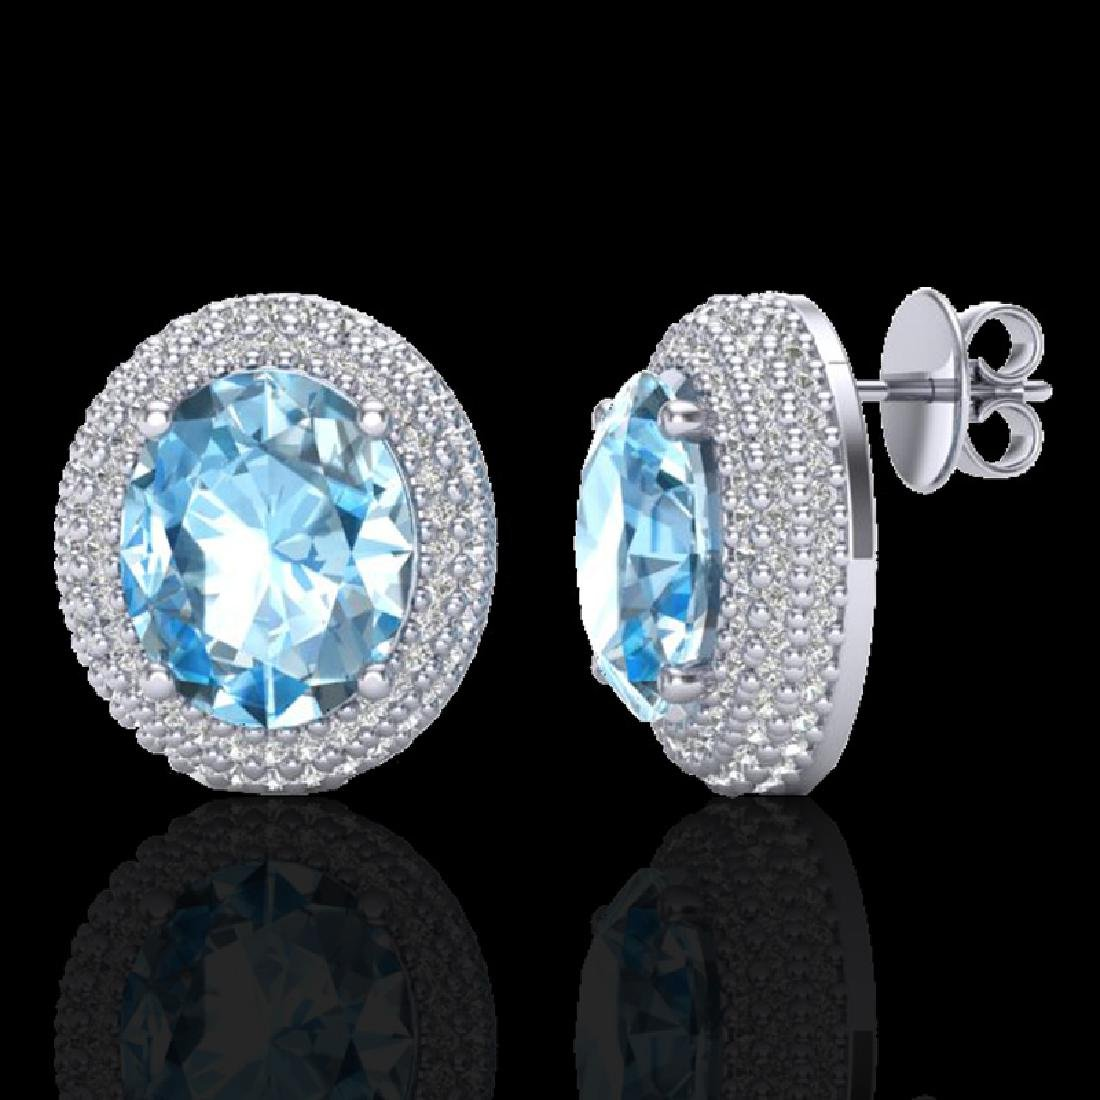 10 CTW Sky Blue Topaz & Micro Pave VS/SI Diamond - 2